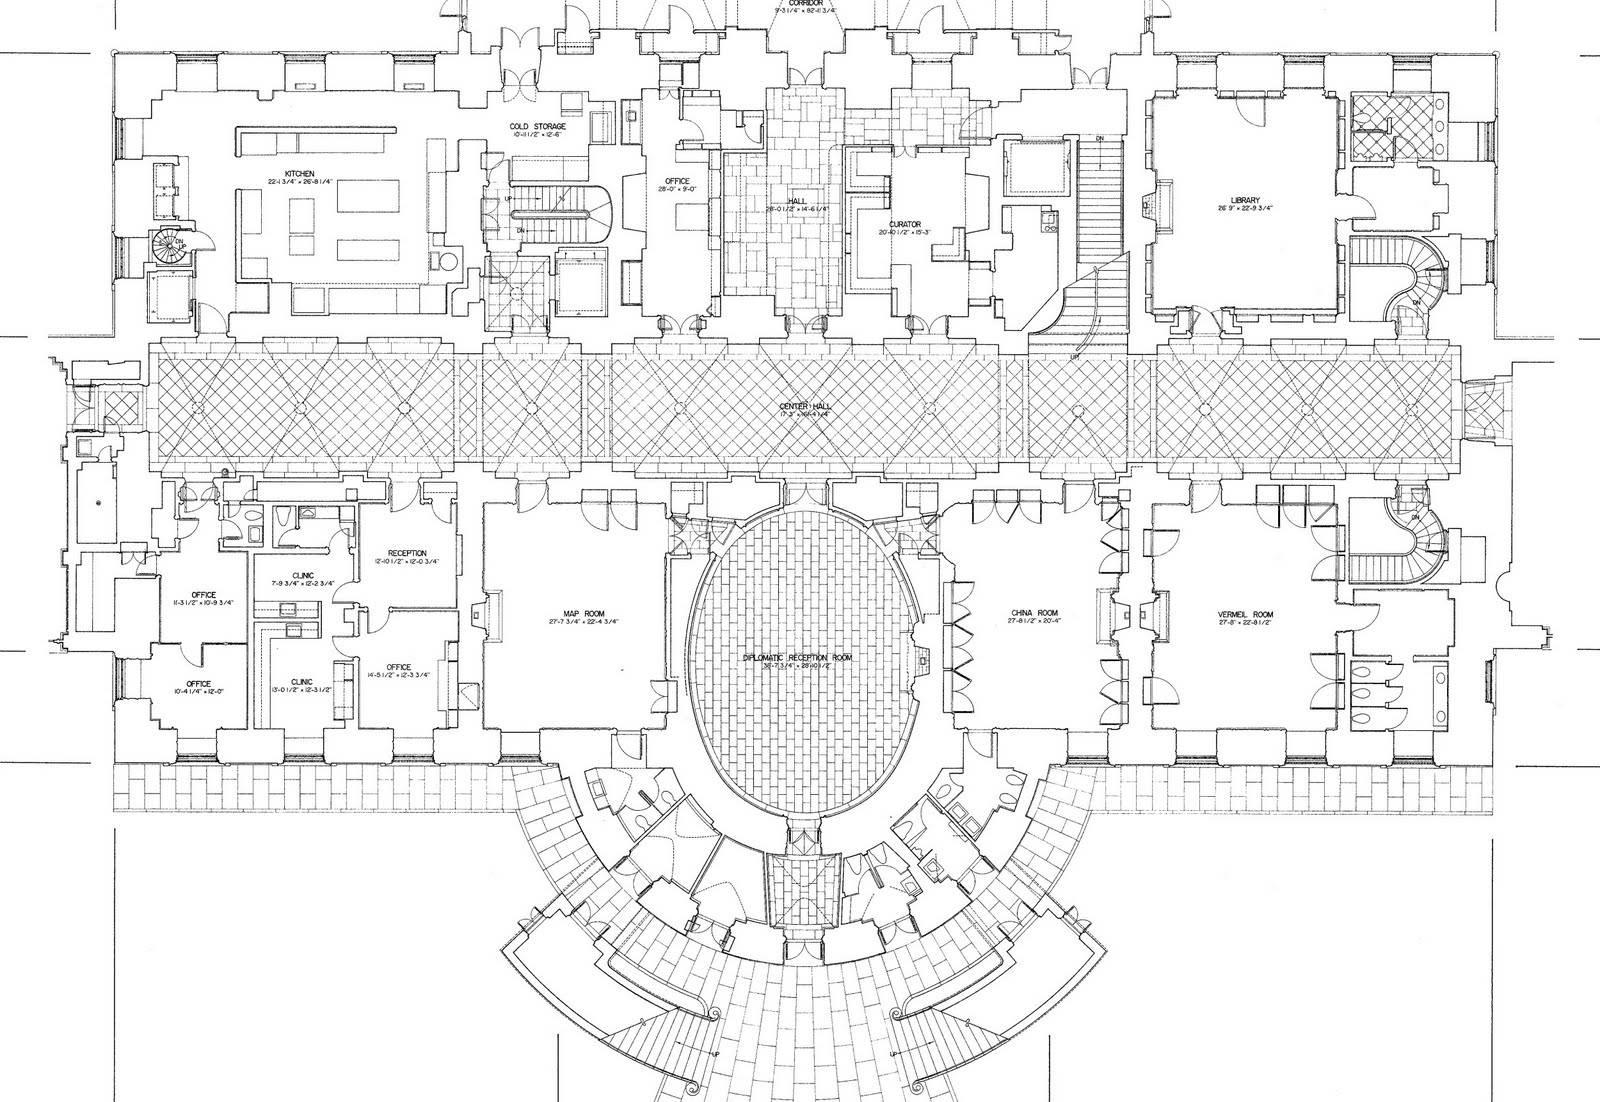 Mega House Plans Mansion Floor Plans White House Ground 352109 Mega House  Planshtml. Mega Homes Floor Plans model homes floor plans